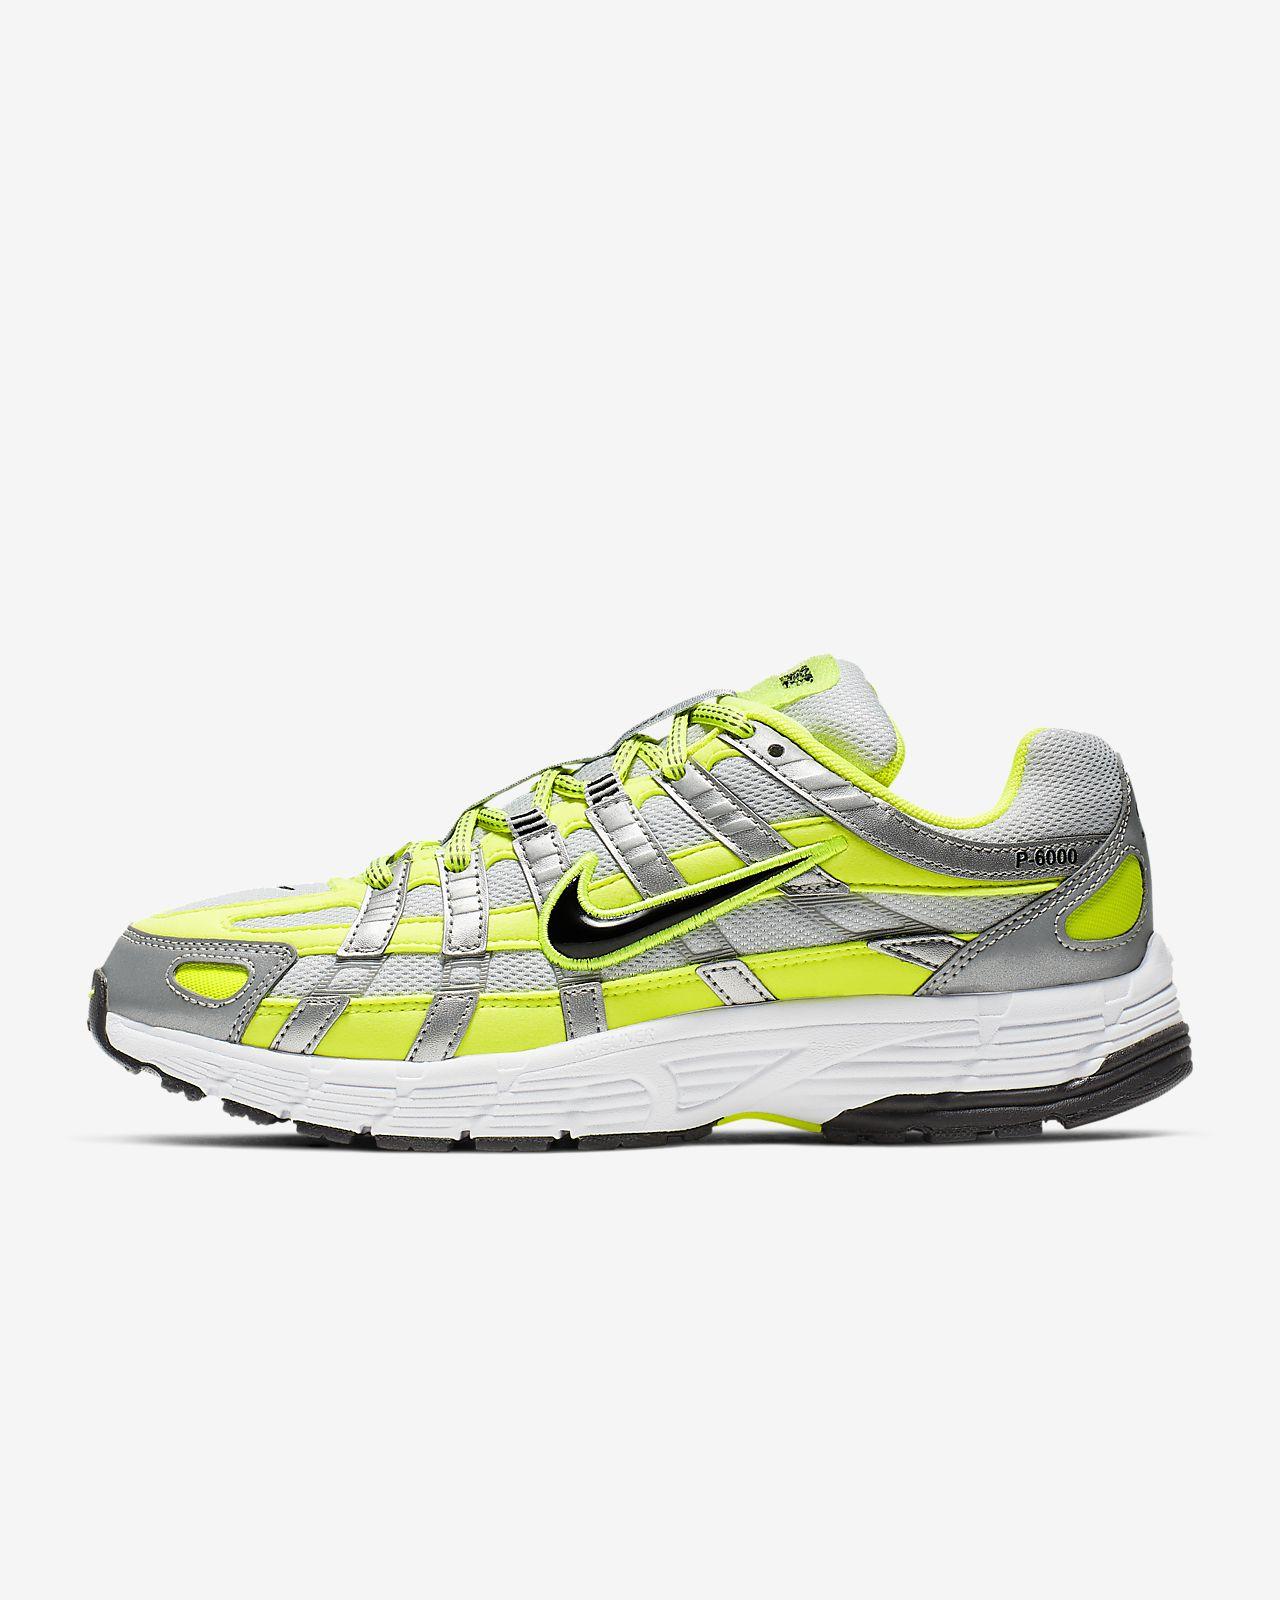 Γυναικείο παπούτσι Nike P-6000 Concept